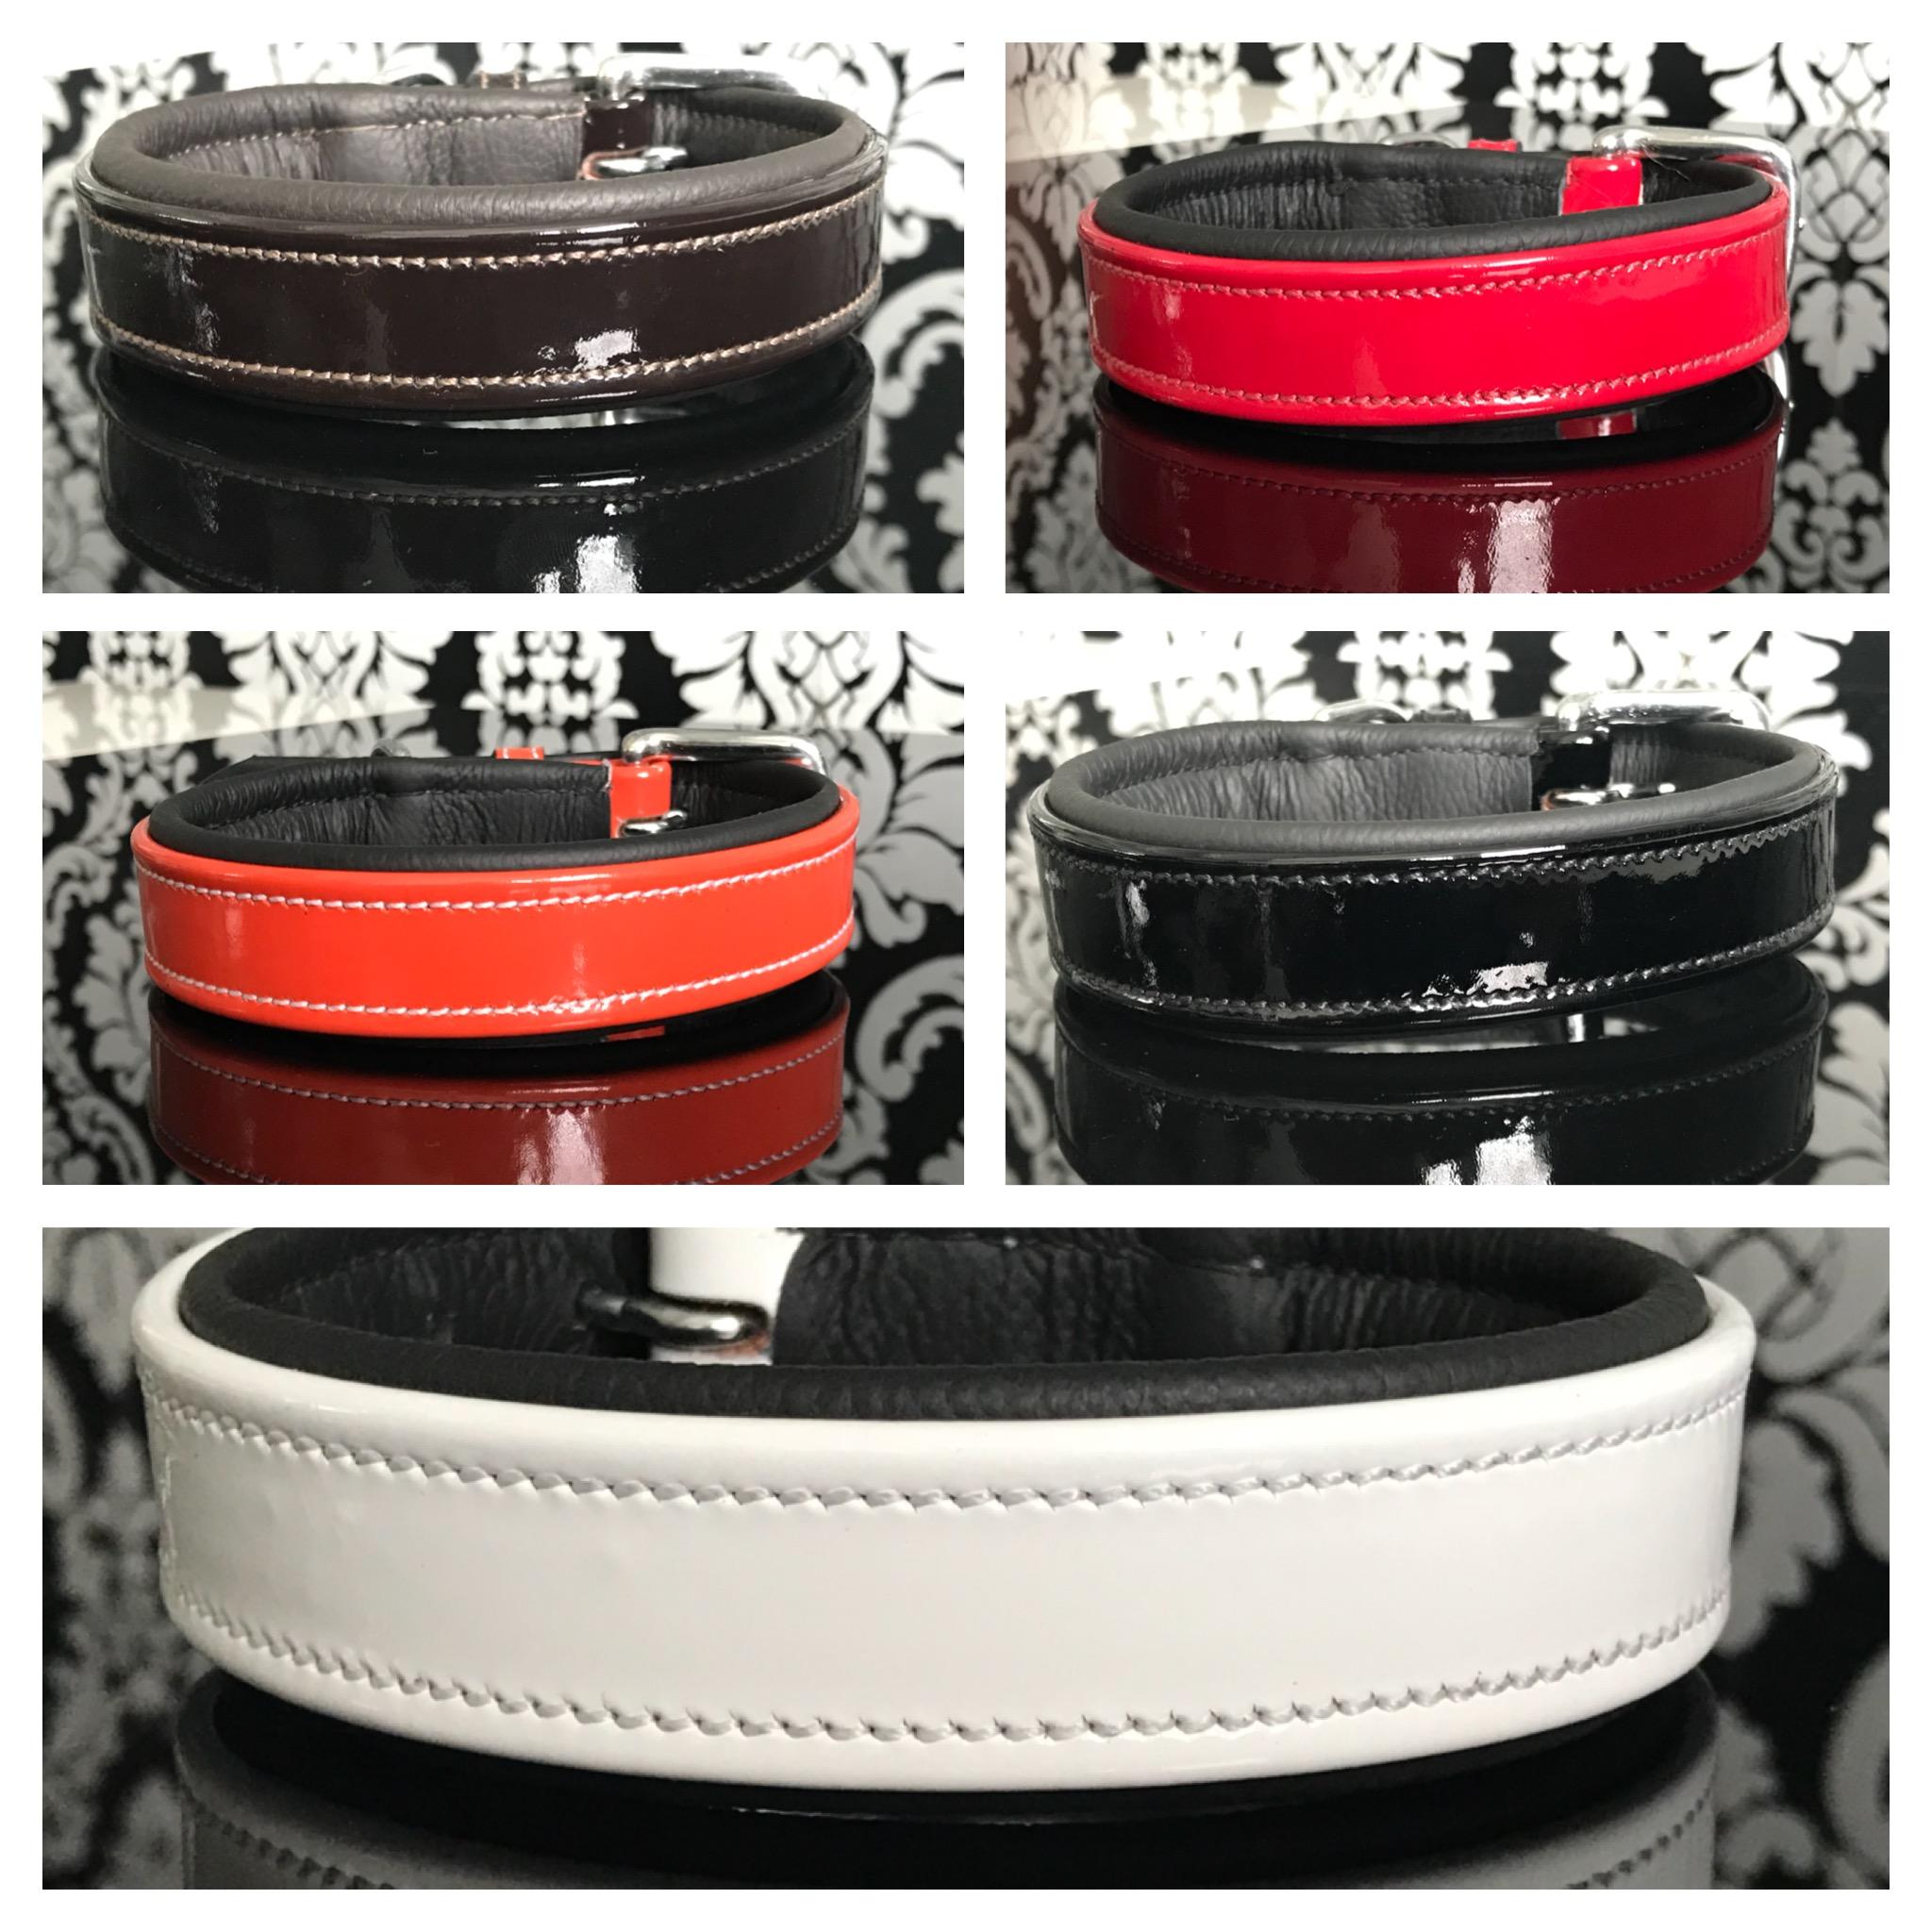 FATANO® Hundehalsband Leder 21-51 cm Hunde Halsband Lack Lederhalsband C26